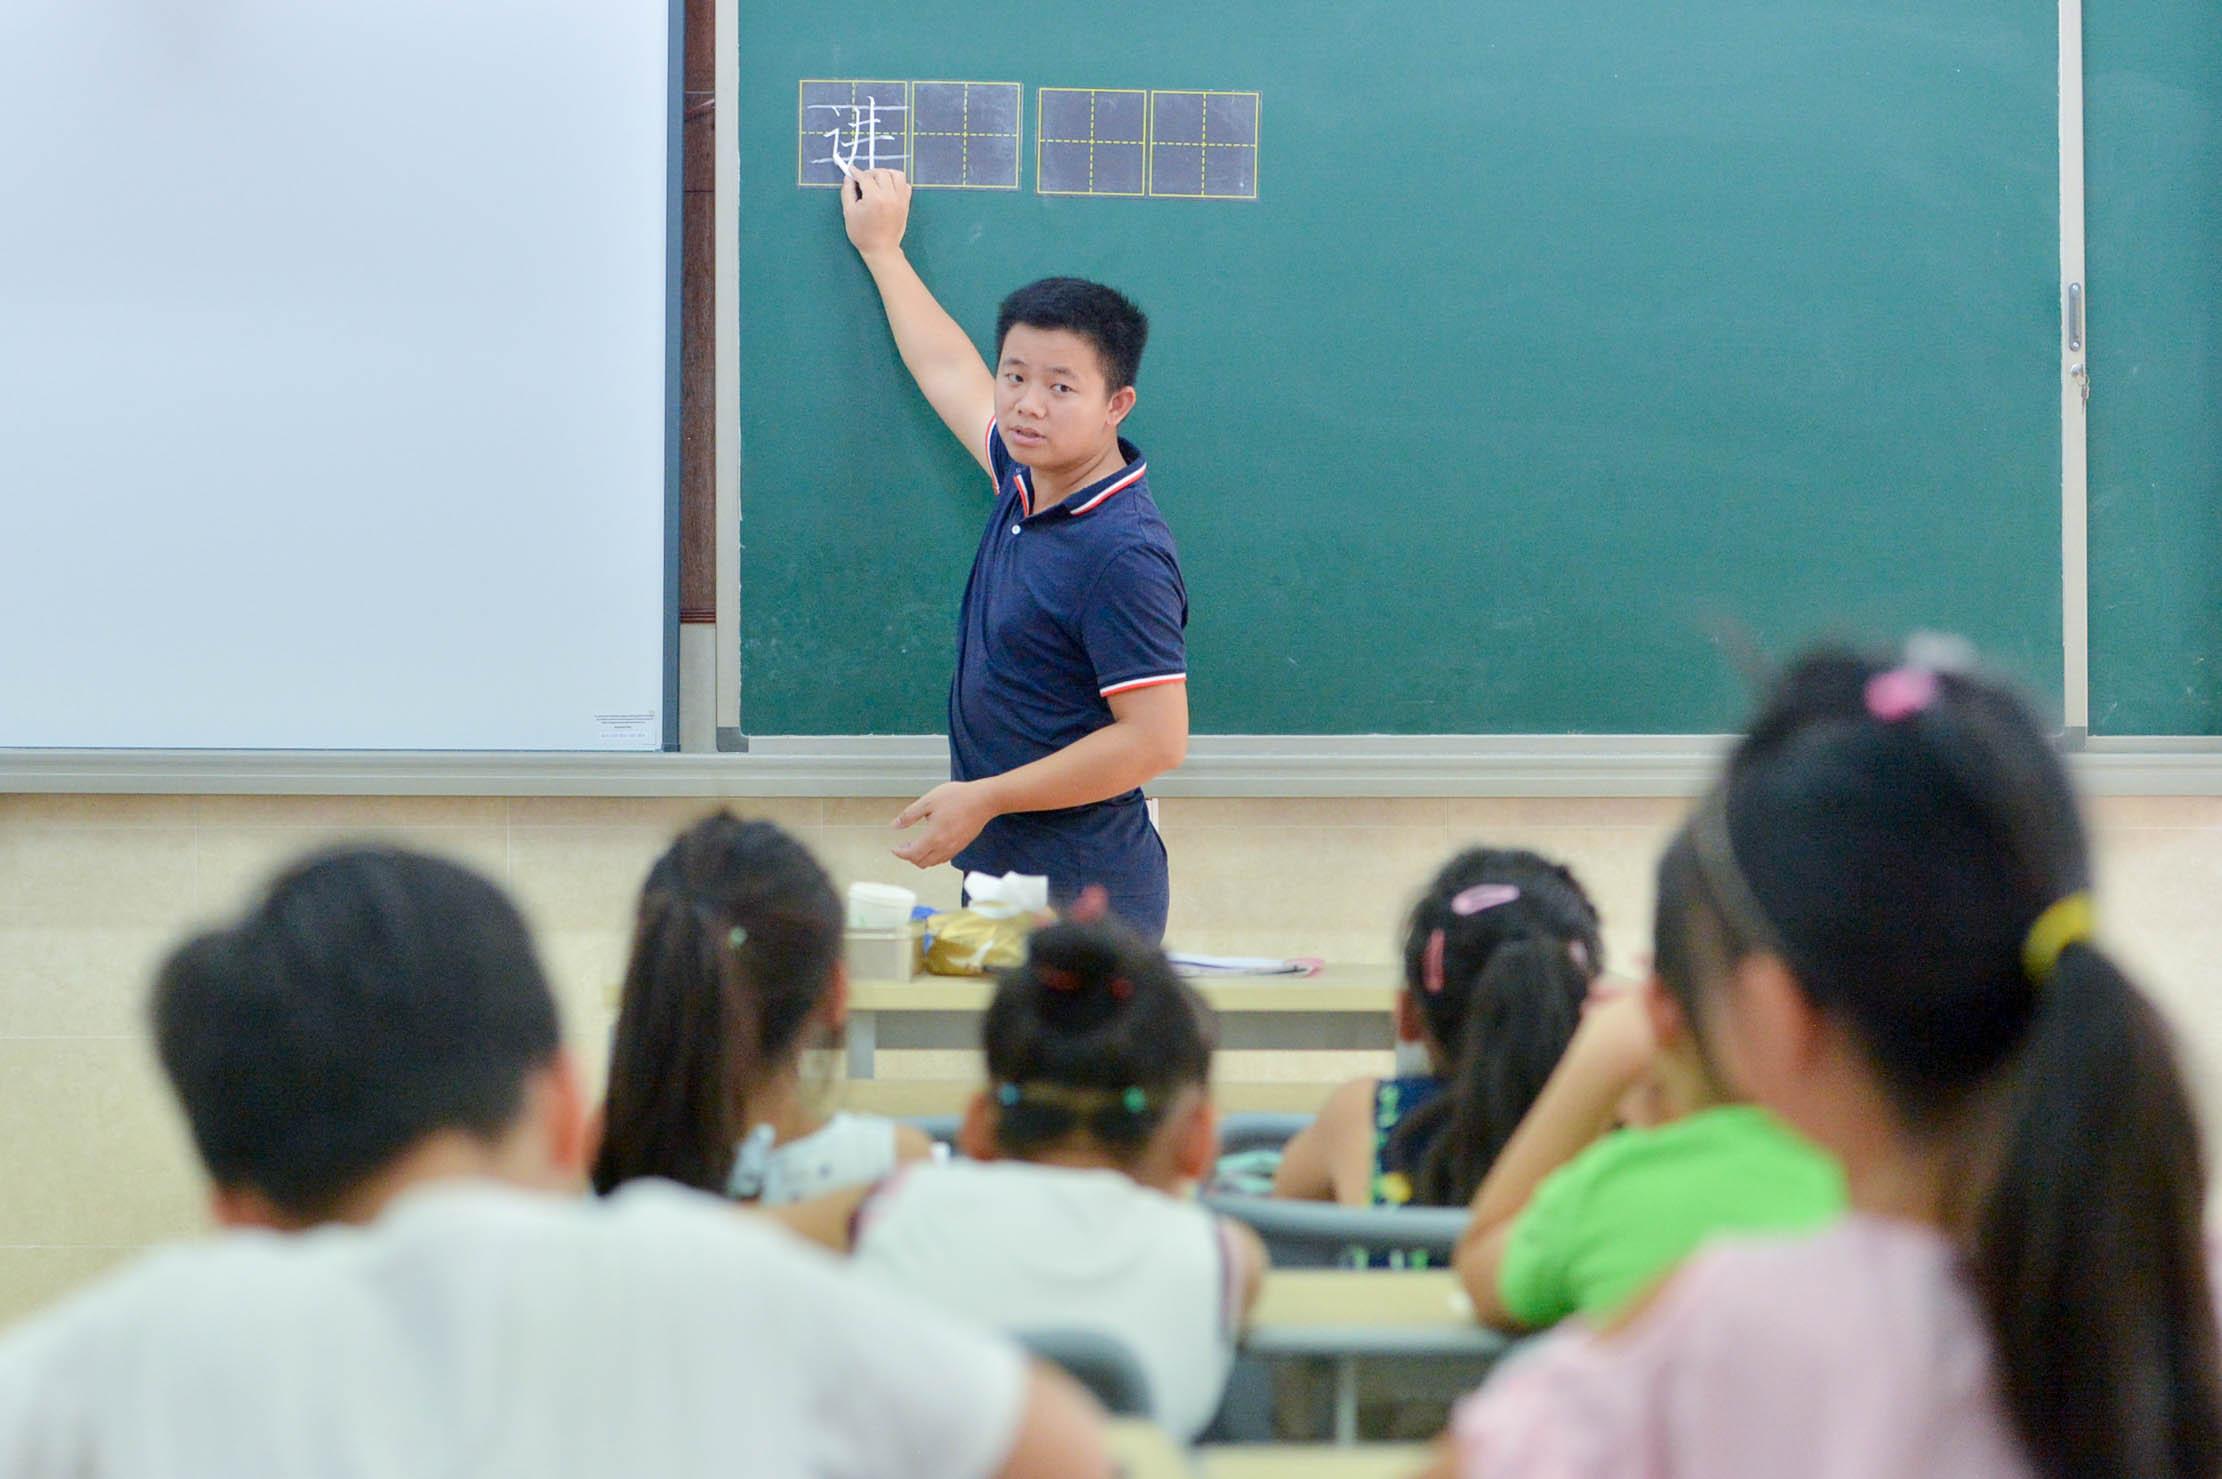 小学帅老师免费开课教书法